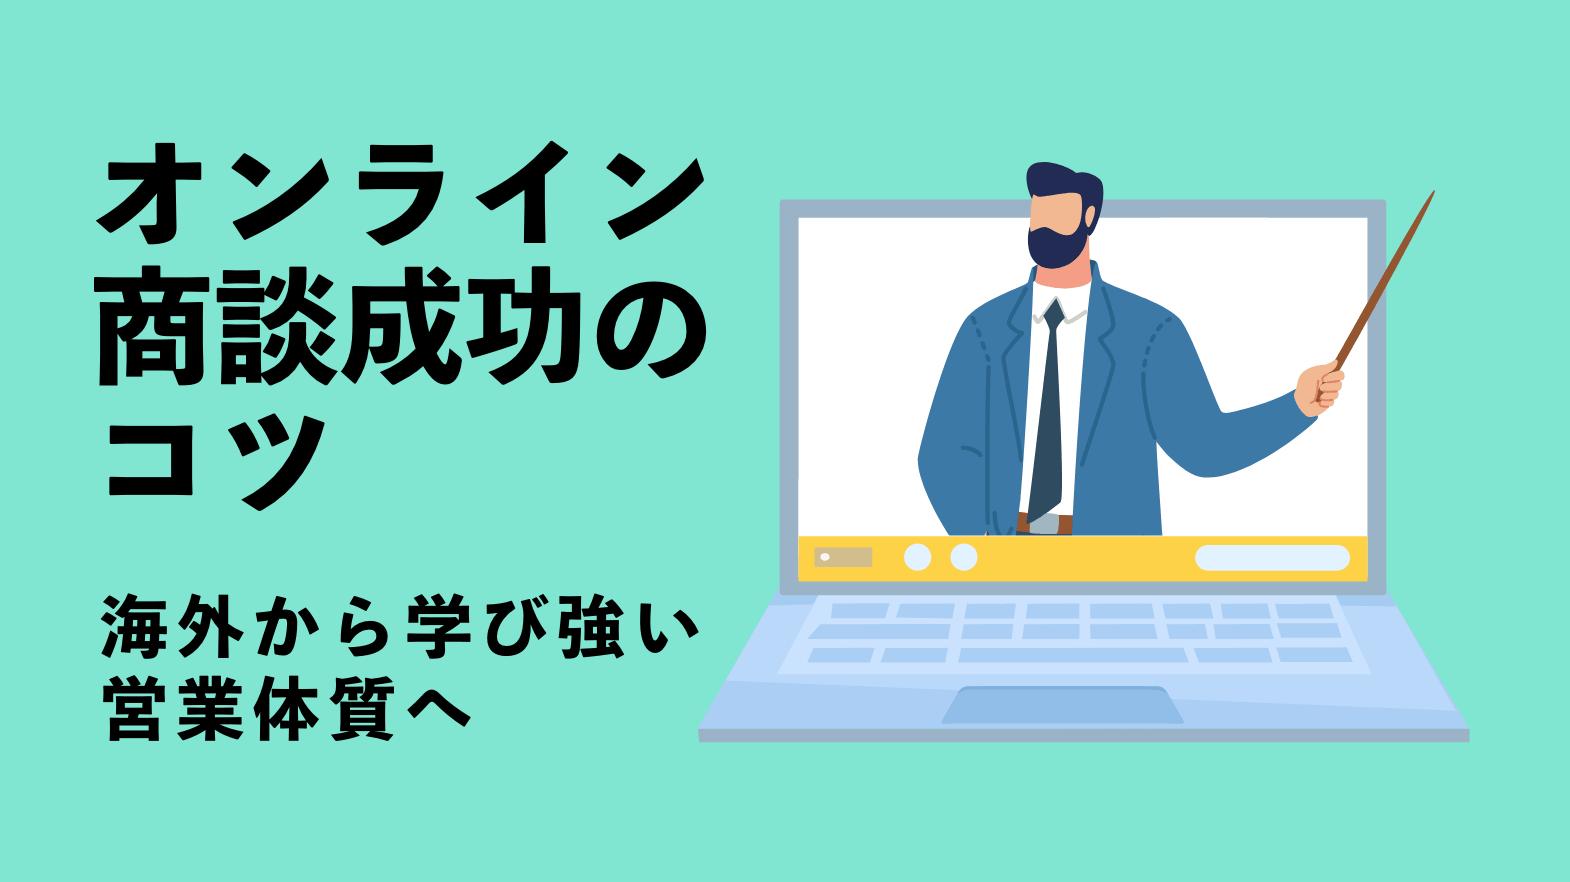 オンライン商談成功のコツ〜海外から学び強い営業体質へ〜